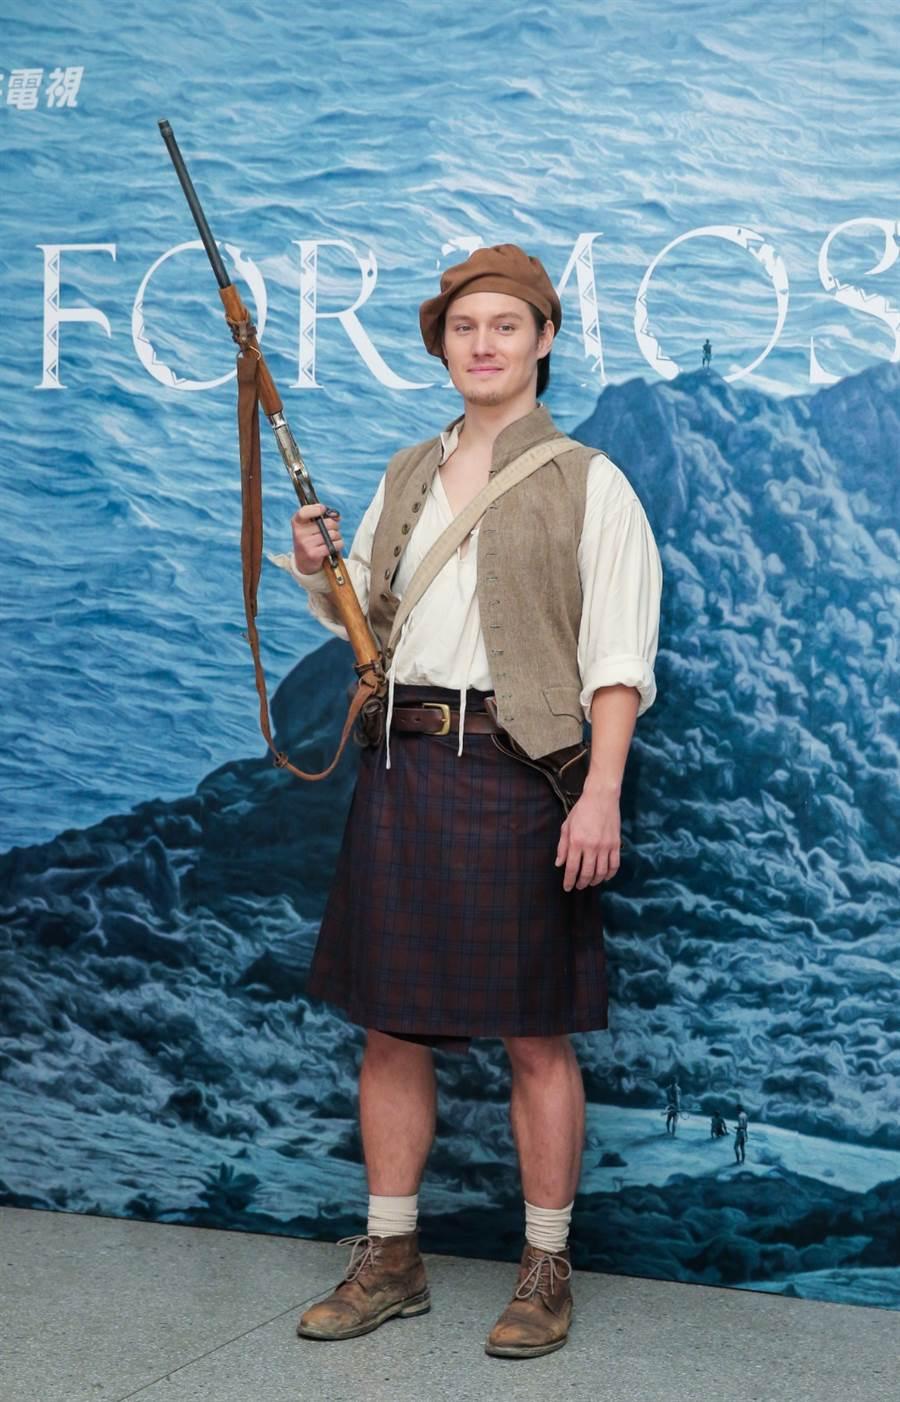 周厚安在公視《斯卡羅》中,以長髮蓄鬍造型演出英國洋行代理人「必麒麟」。(盧禕祺攝)